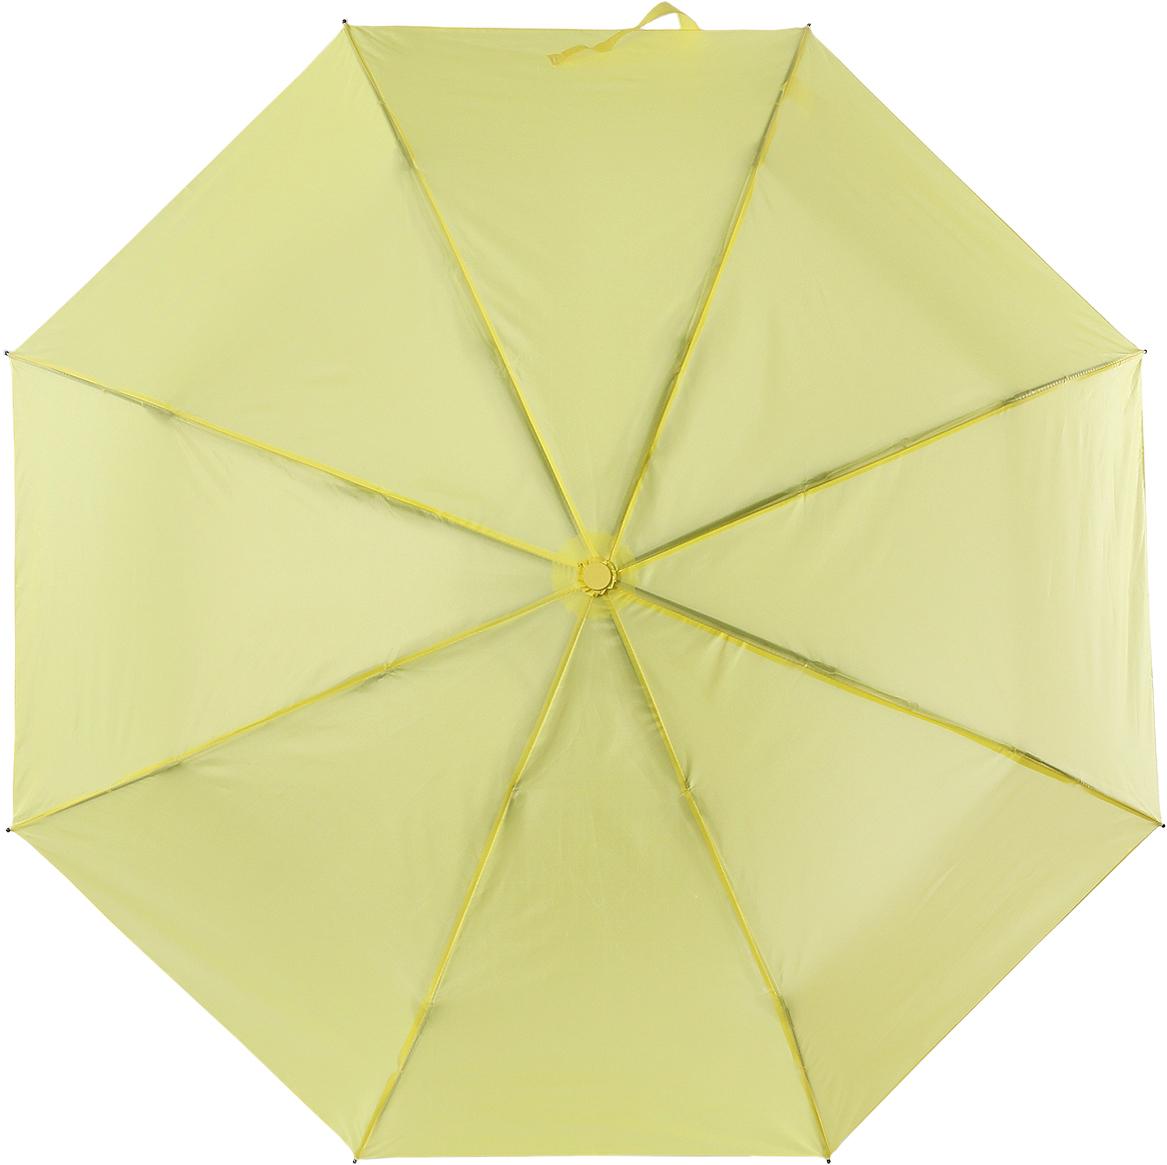 Зонт женский Torm, цвет: желтый. 3731-0645100019/18303/2900NКлассический женский зонт в 3 сложения полный автомат. Удобная ручка выполнена из пластика. Модель зонта выполнена в стандартном размере, оснащена системой Антиветер. Этот стильный аксессуар поместится практически в любую женскую сумочку благодаря своим небольшим размерам.